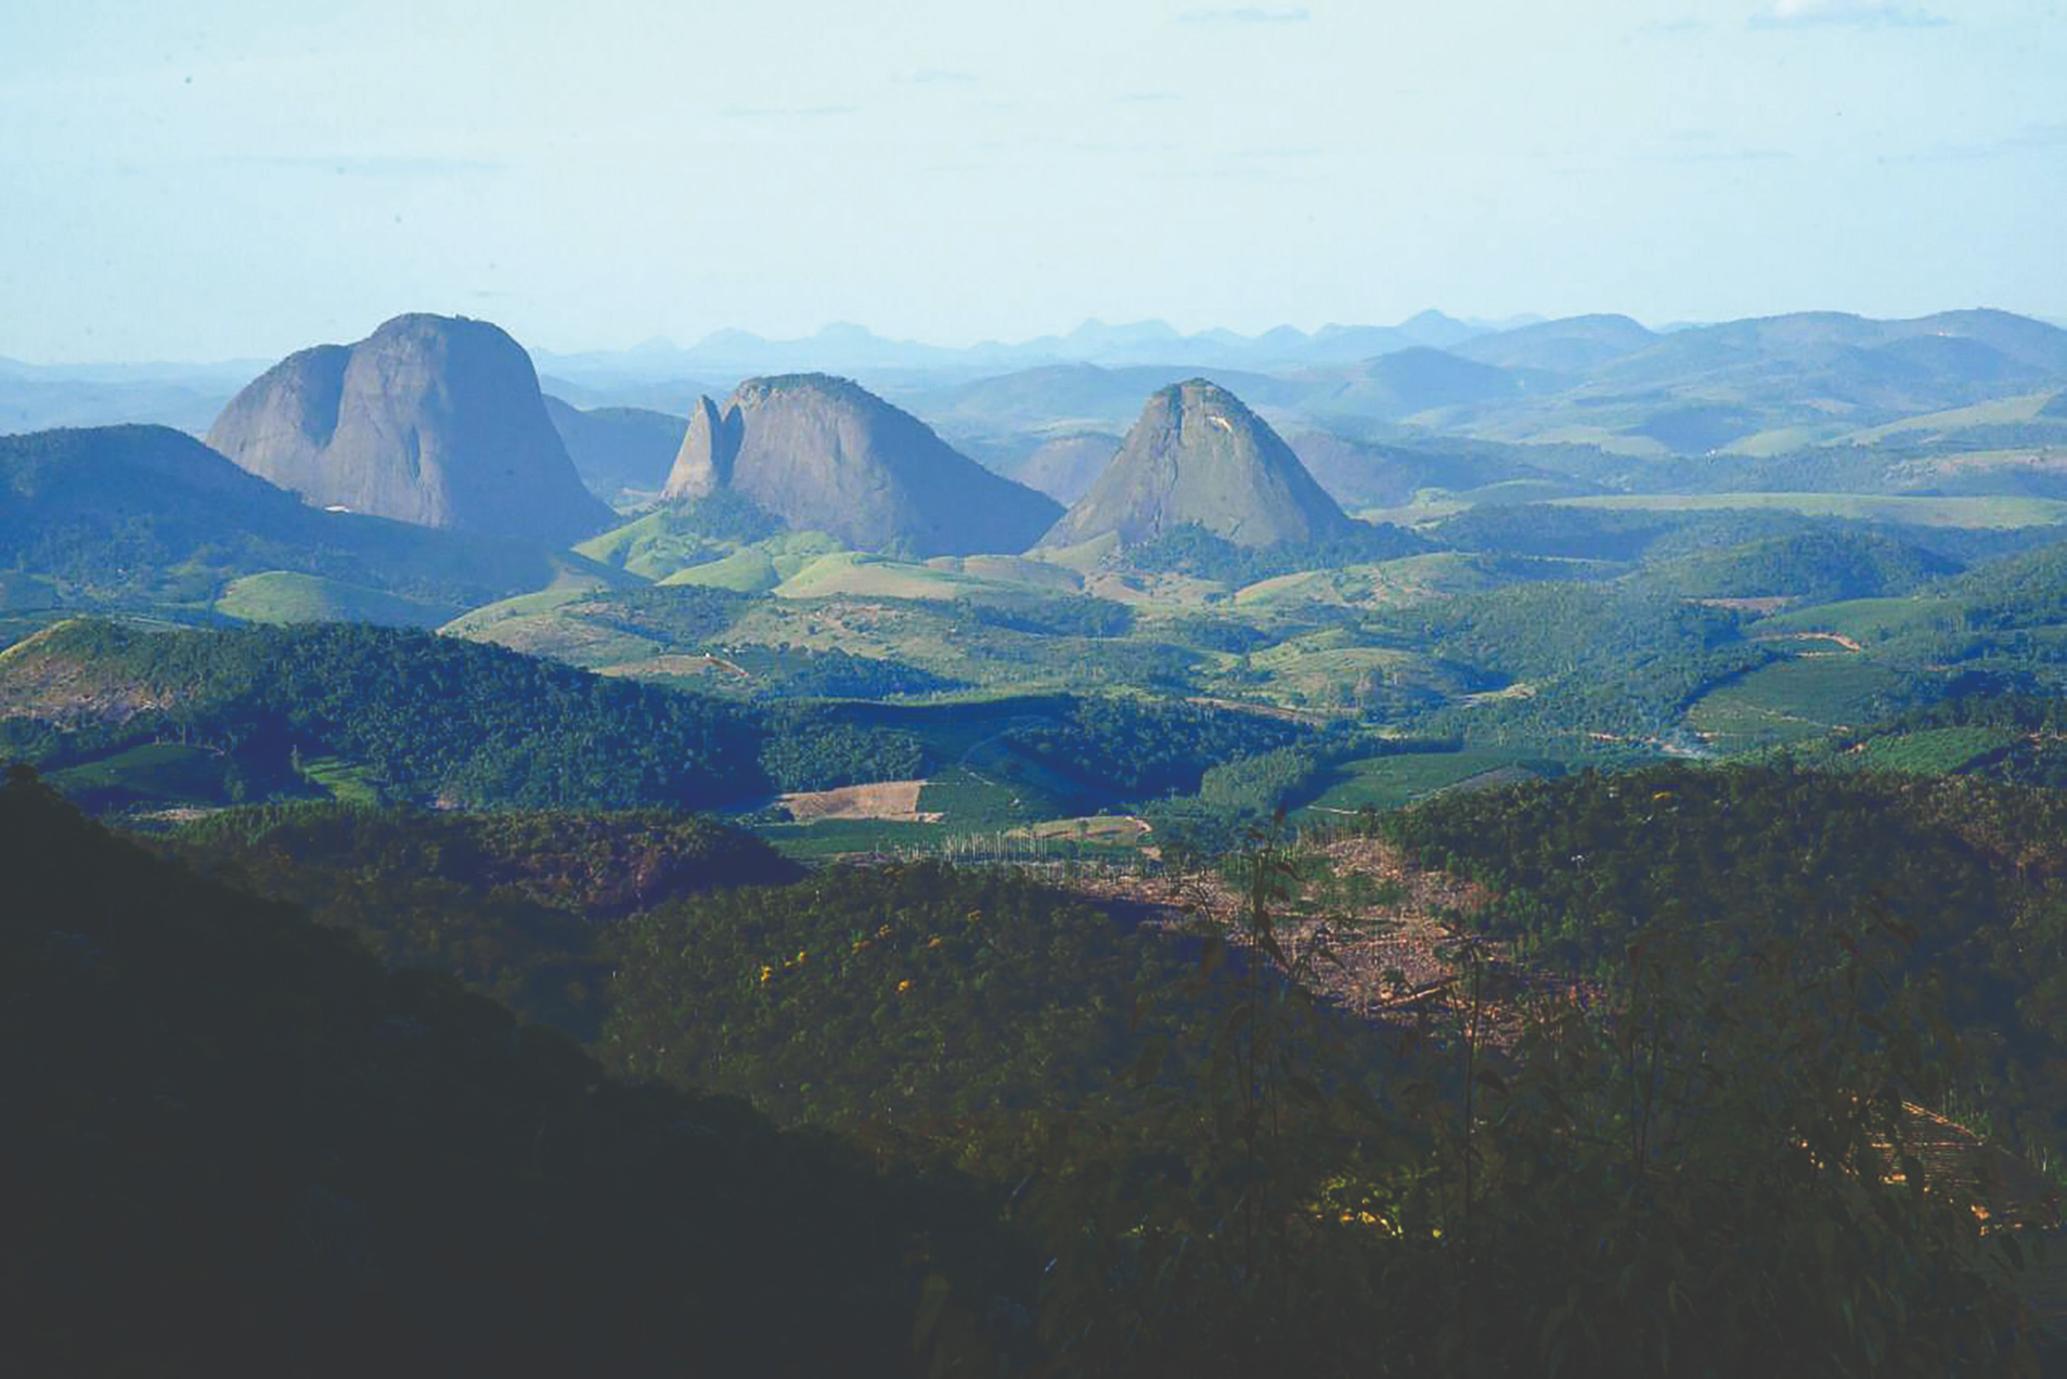 Natureza exuberante vista de São Pedro Frio, em Colatina. Região terá rota turística. Crédito: Edson Negrelli